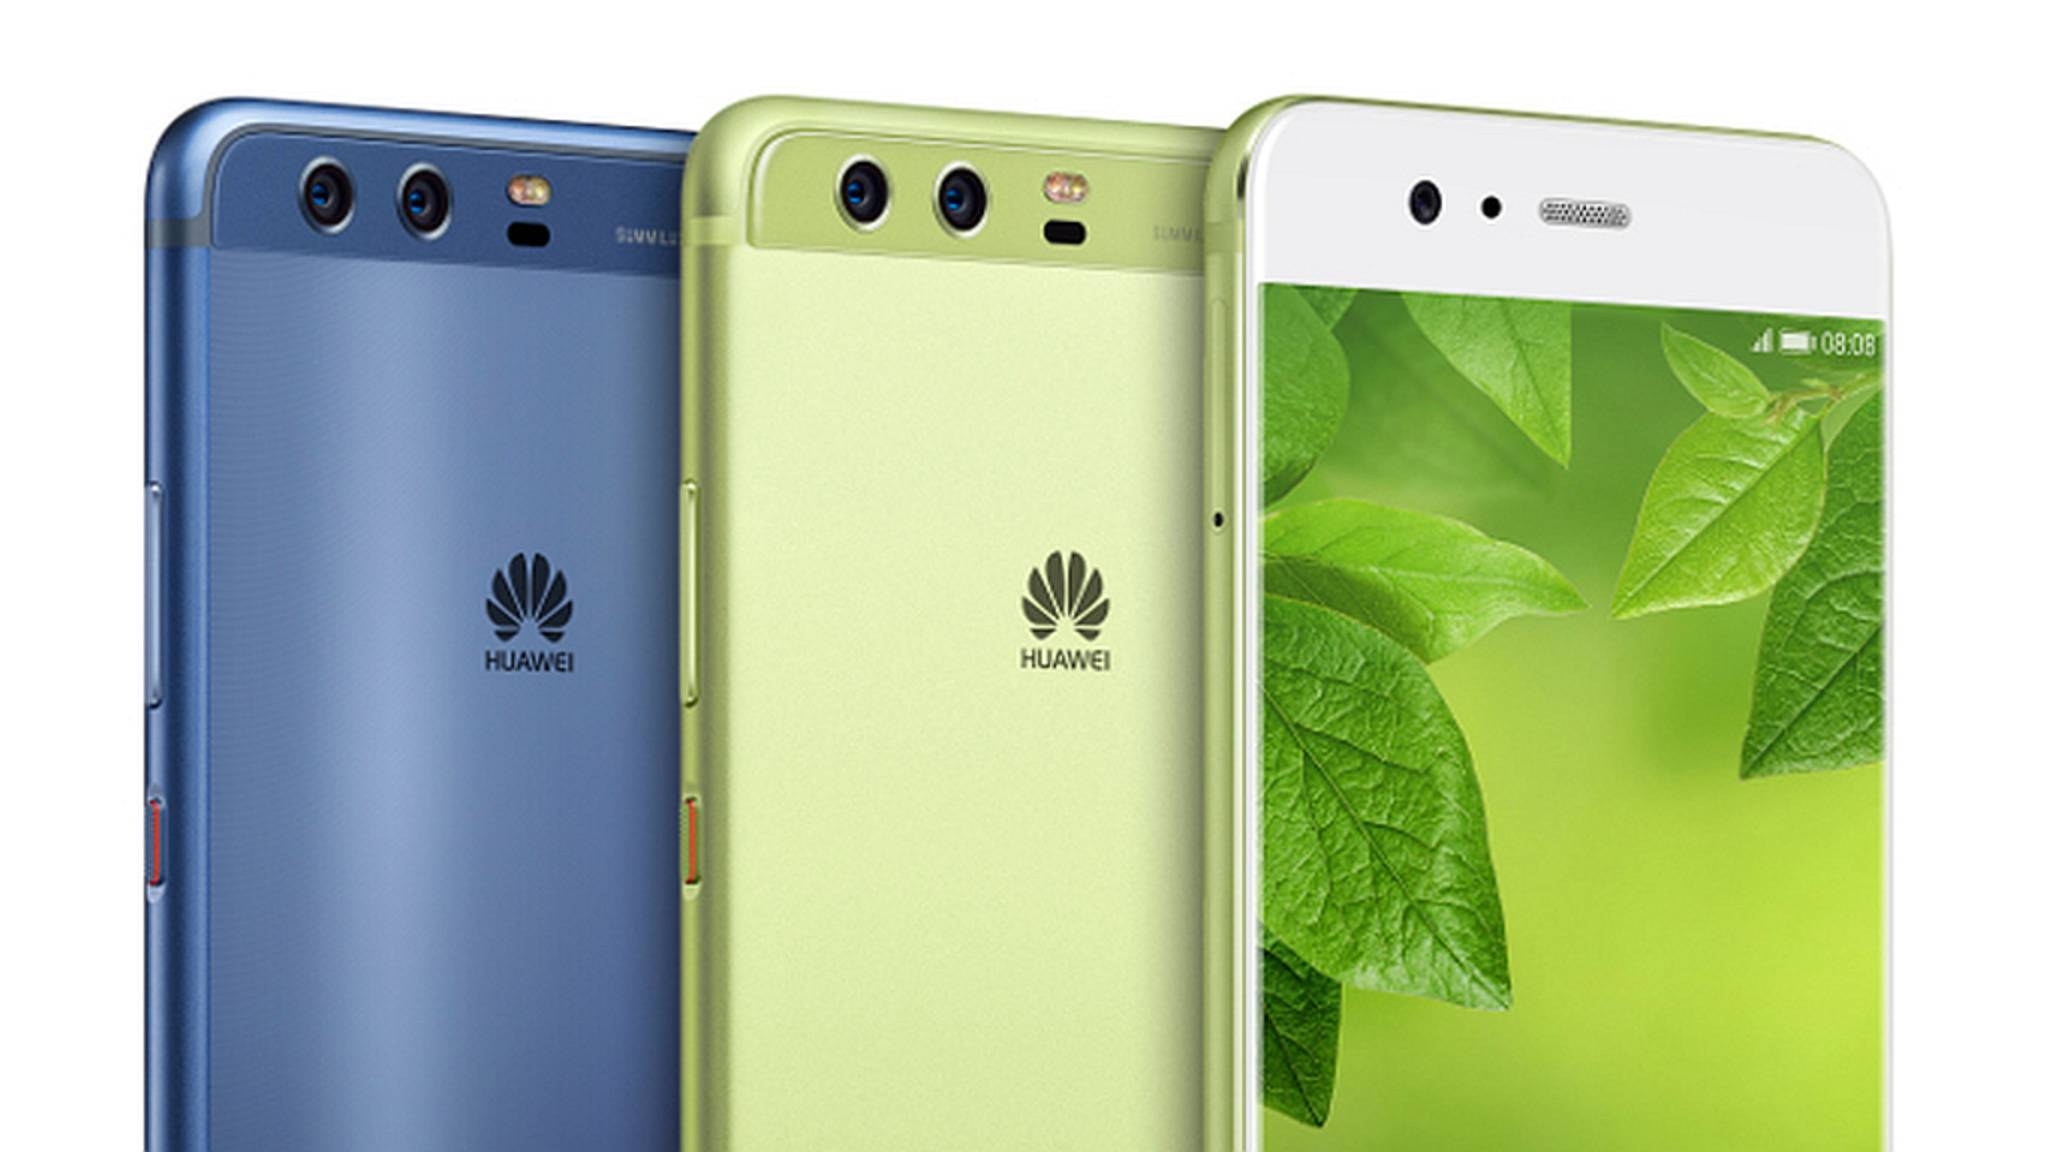 Das Huawei P10 gibt sich farbenfroh.